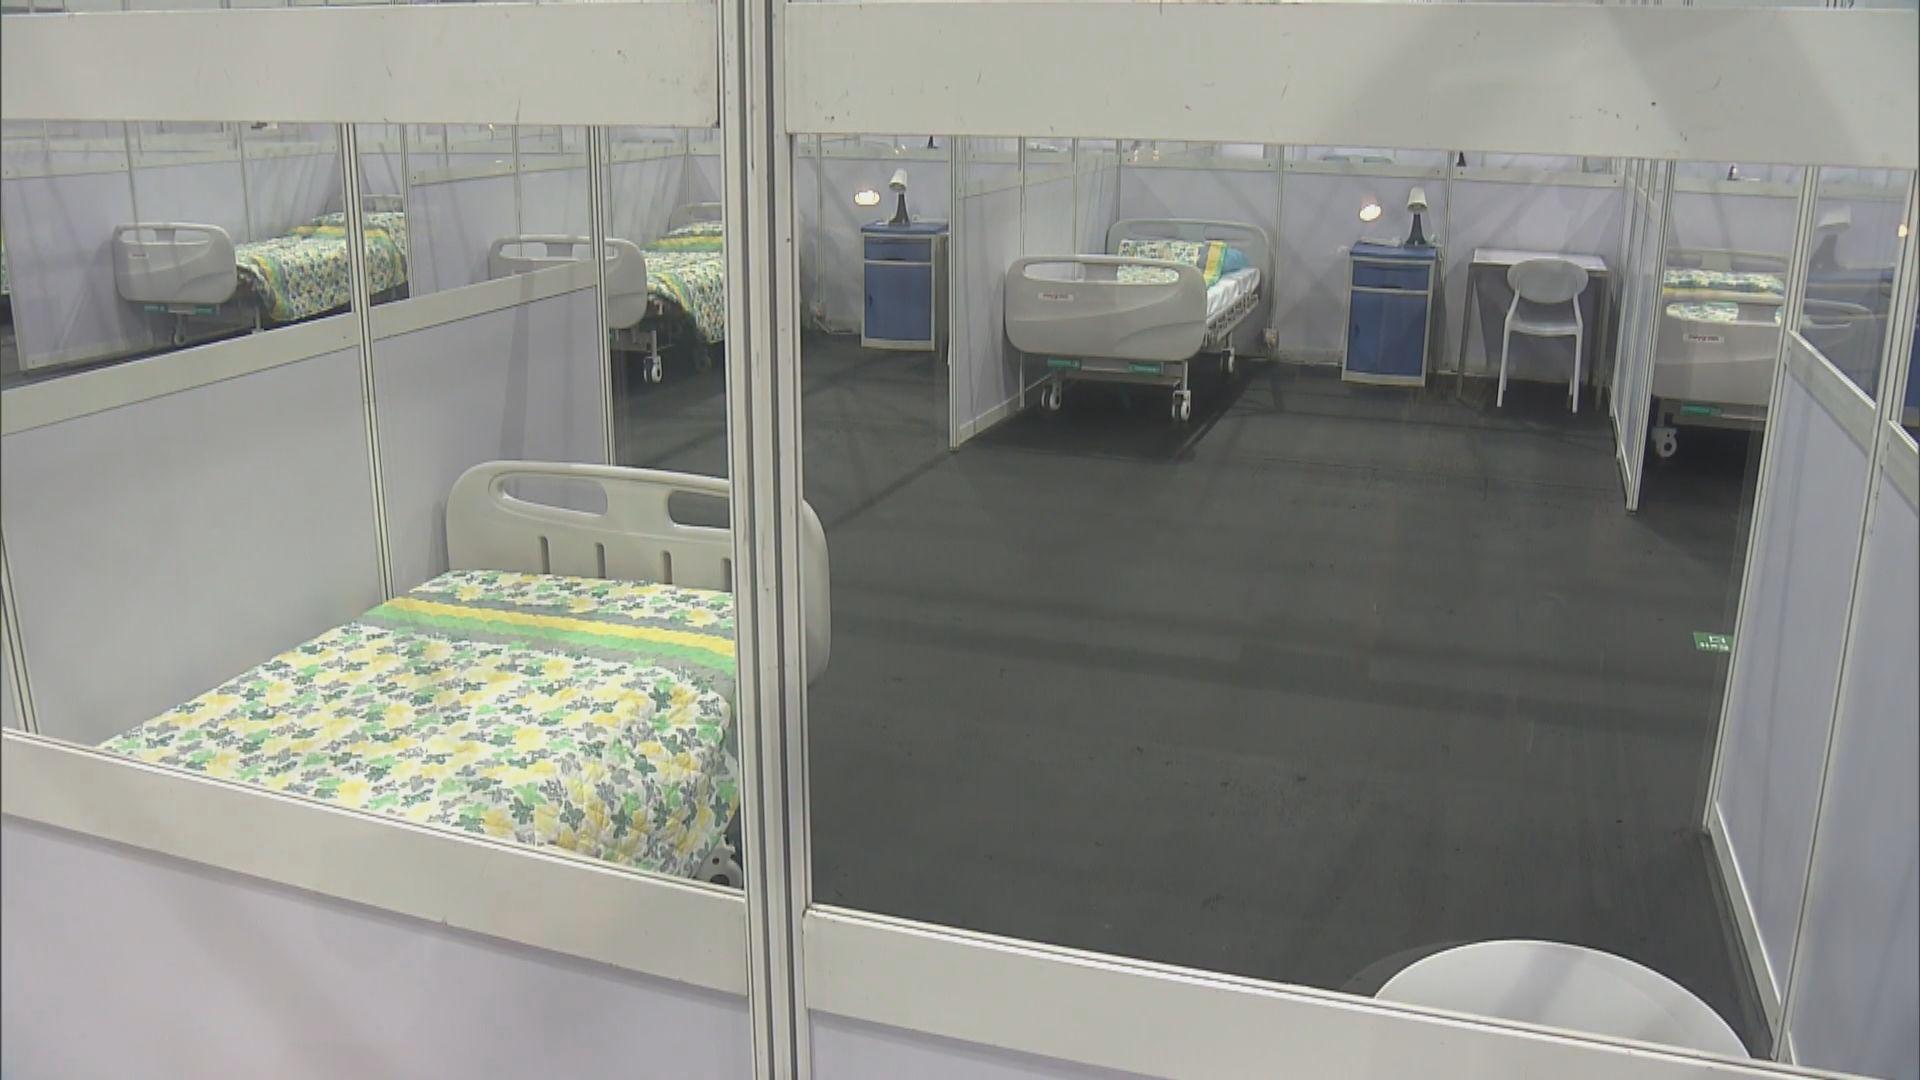 亞博館社區治療設施明重啟 料首日接收逾40名確診者